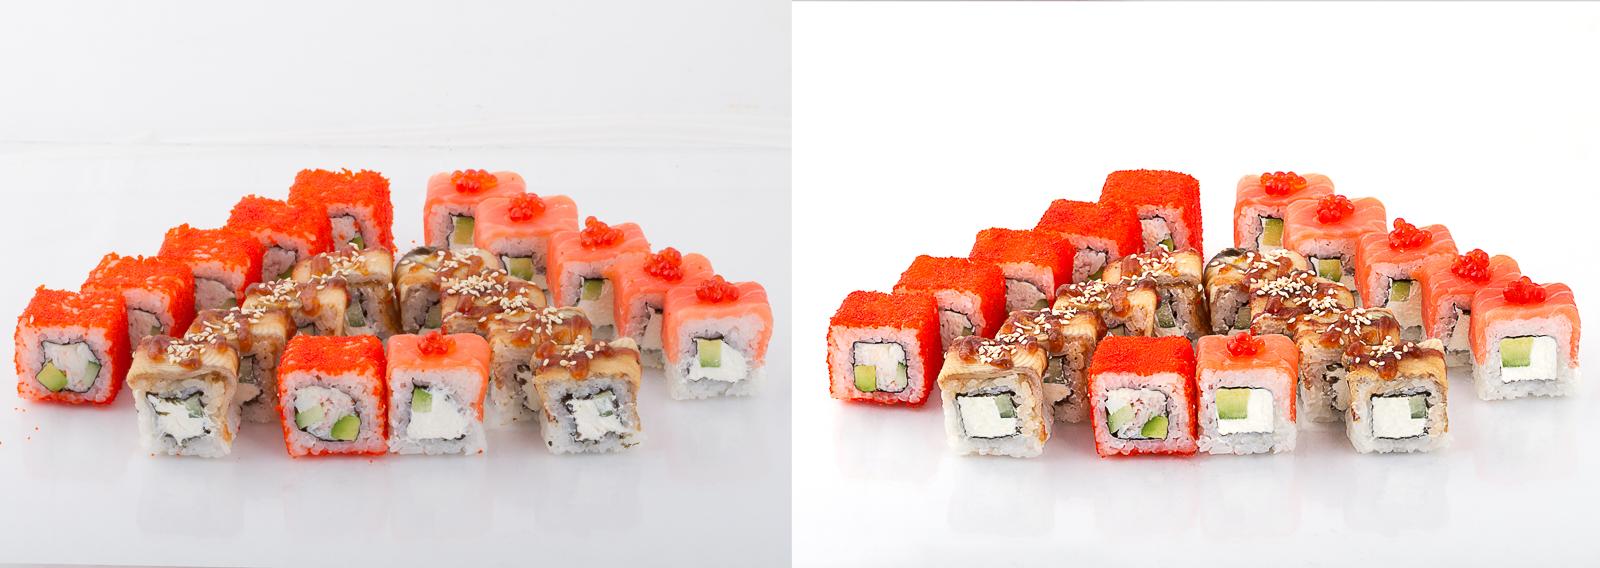 Обработка фото блюд японской кухни (суши, роллы, сеты)